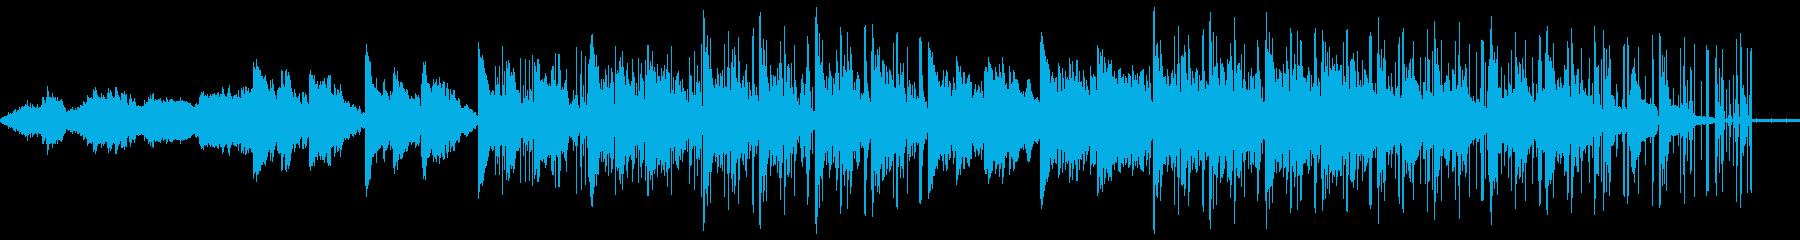 心落ち着くチルアウト系BGMの再生済みの波形